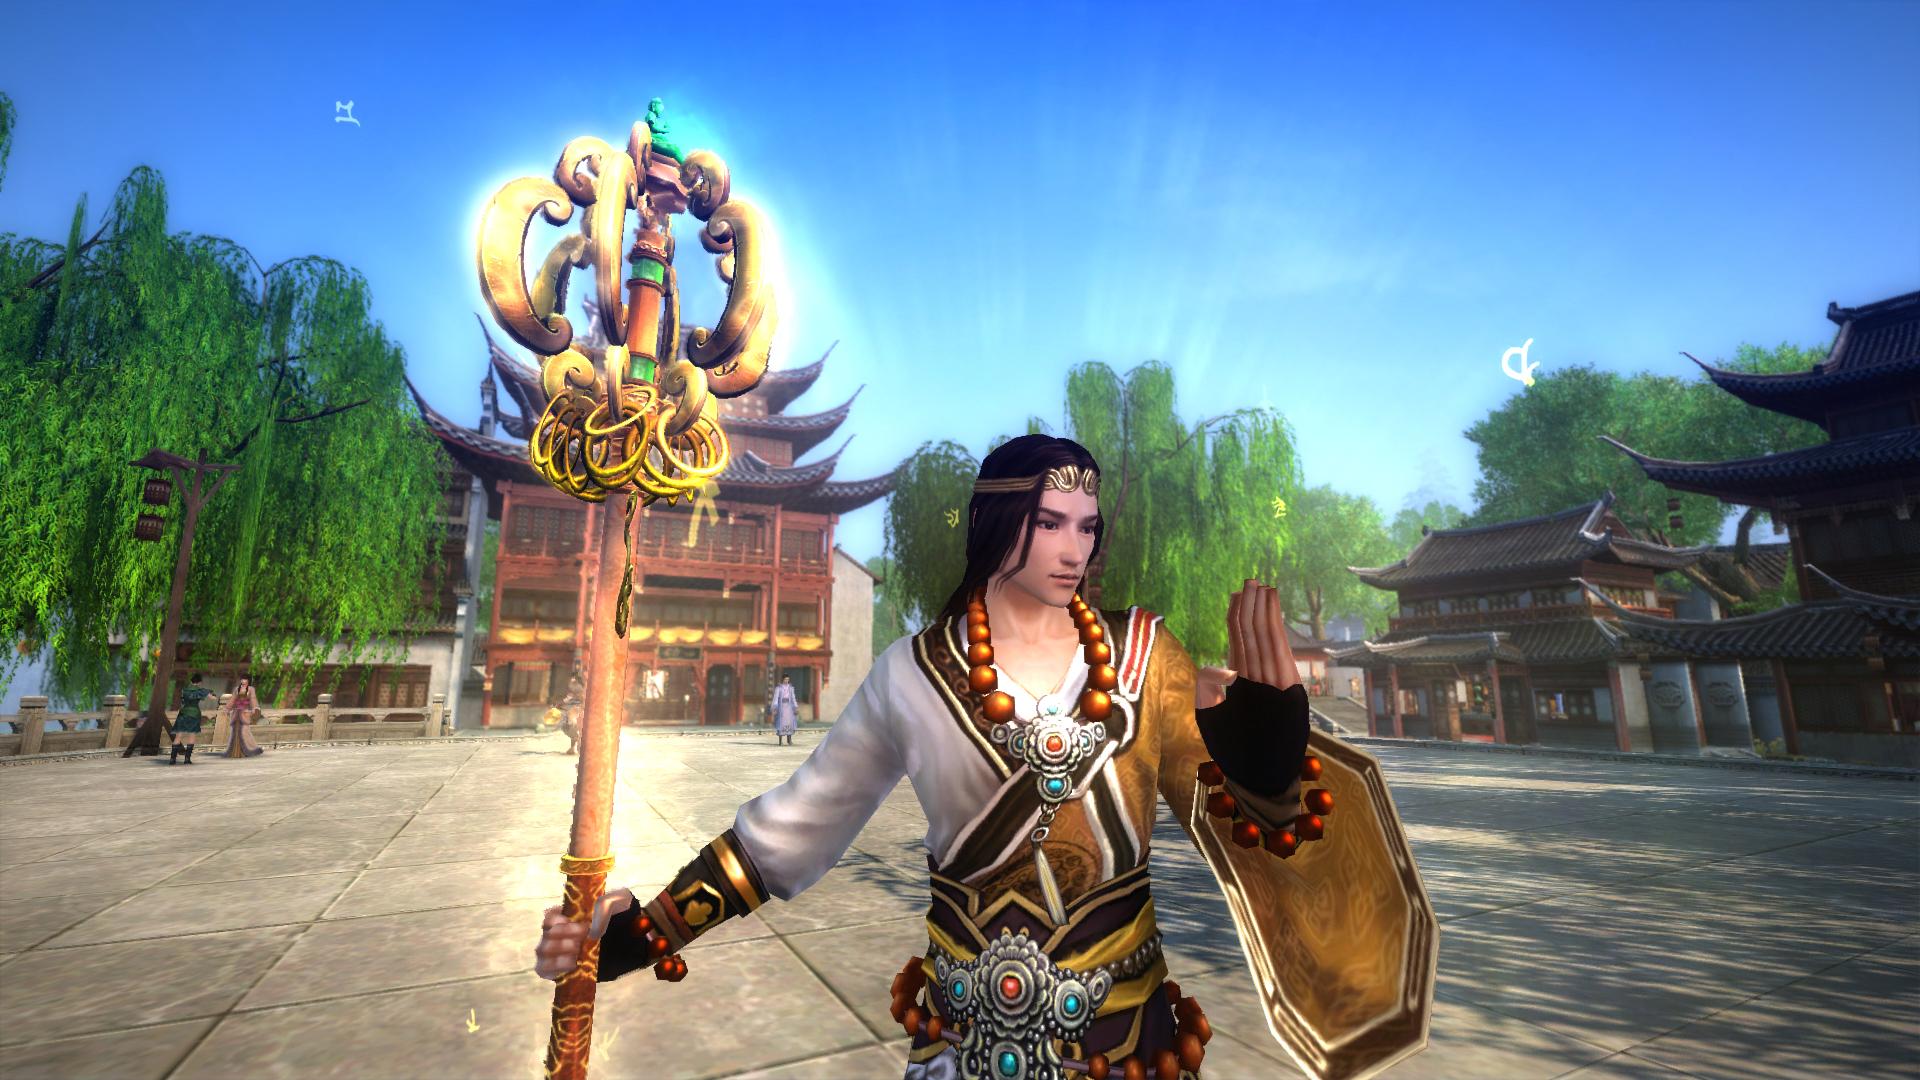 得道僧人常持以防身之物,相传为少林玄慈方丈的武器.杖通体金色,